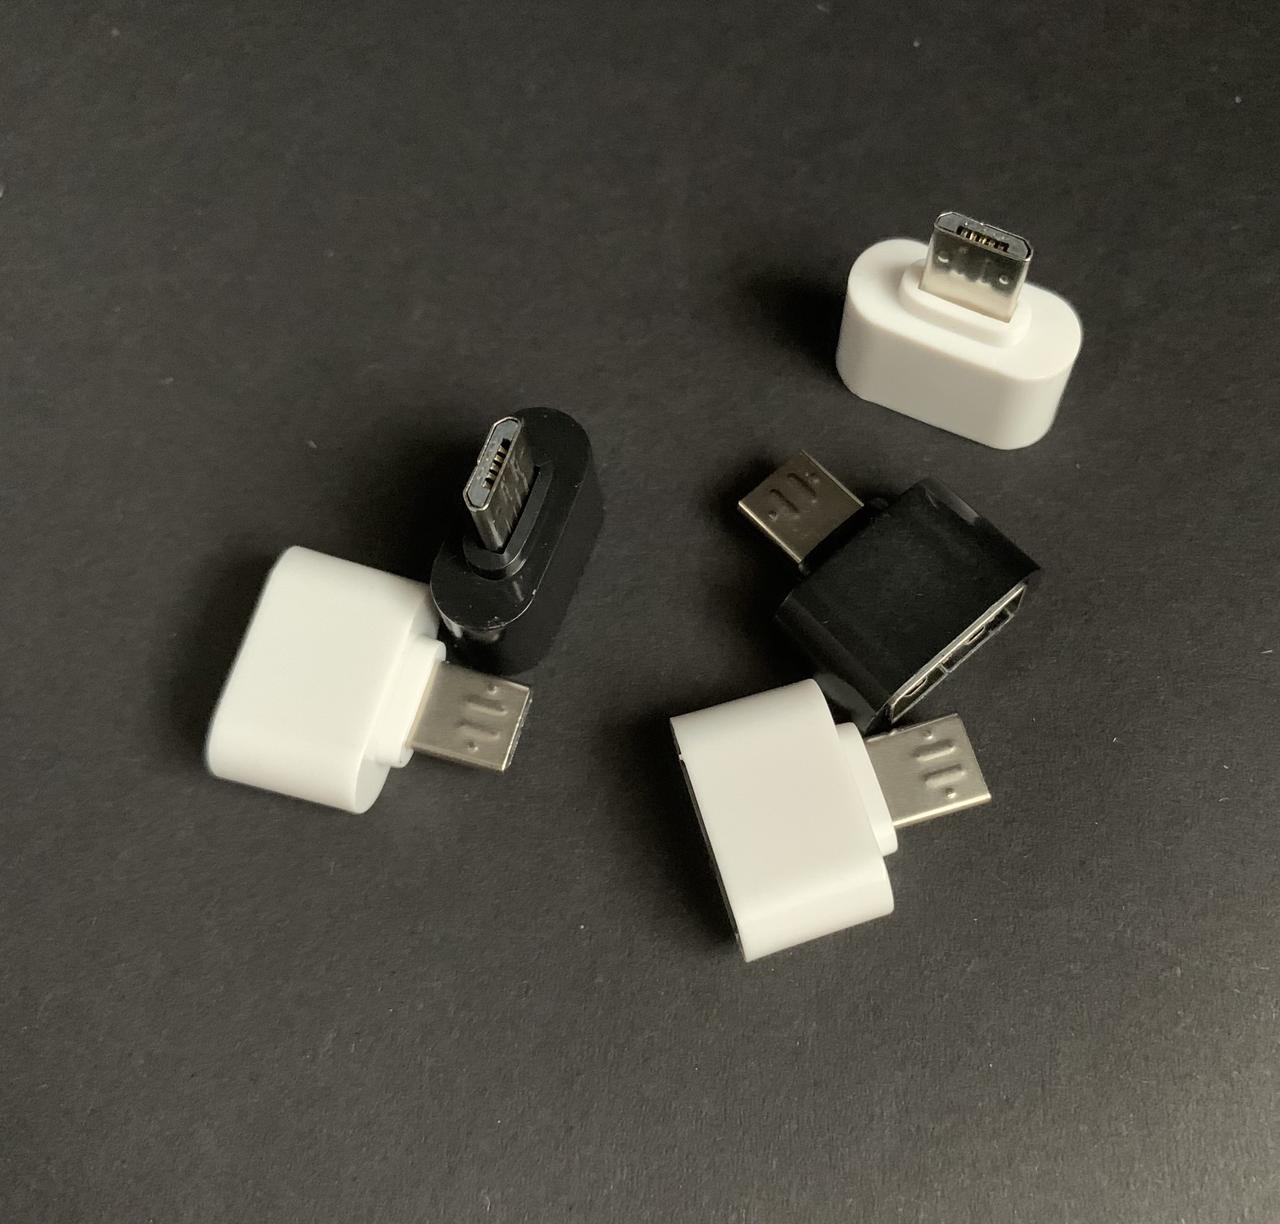 Переходник на флешку к телефону micro-UBS адаптер USB с корпусом